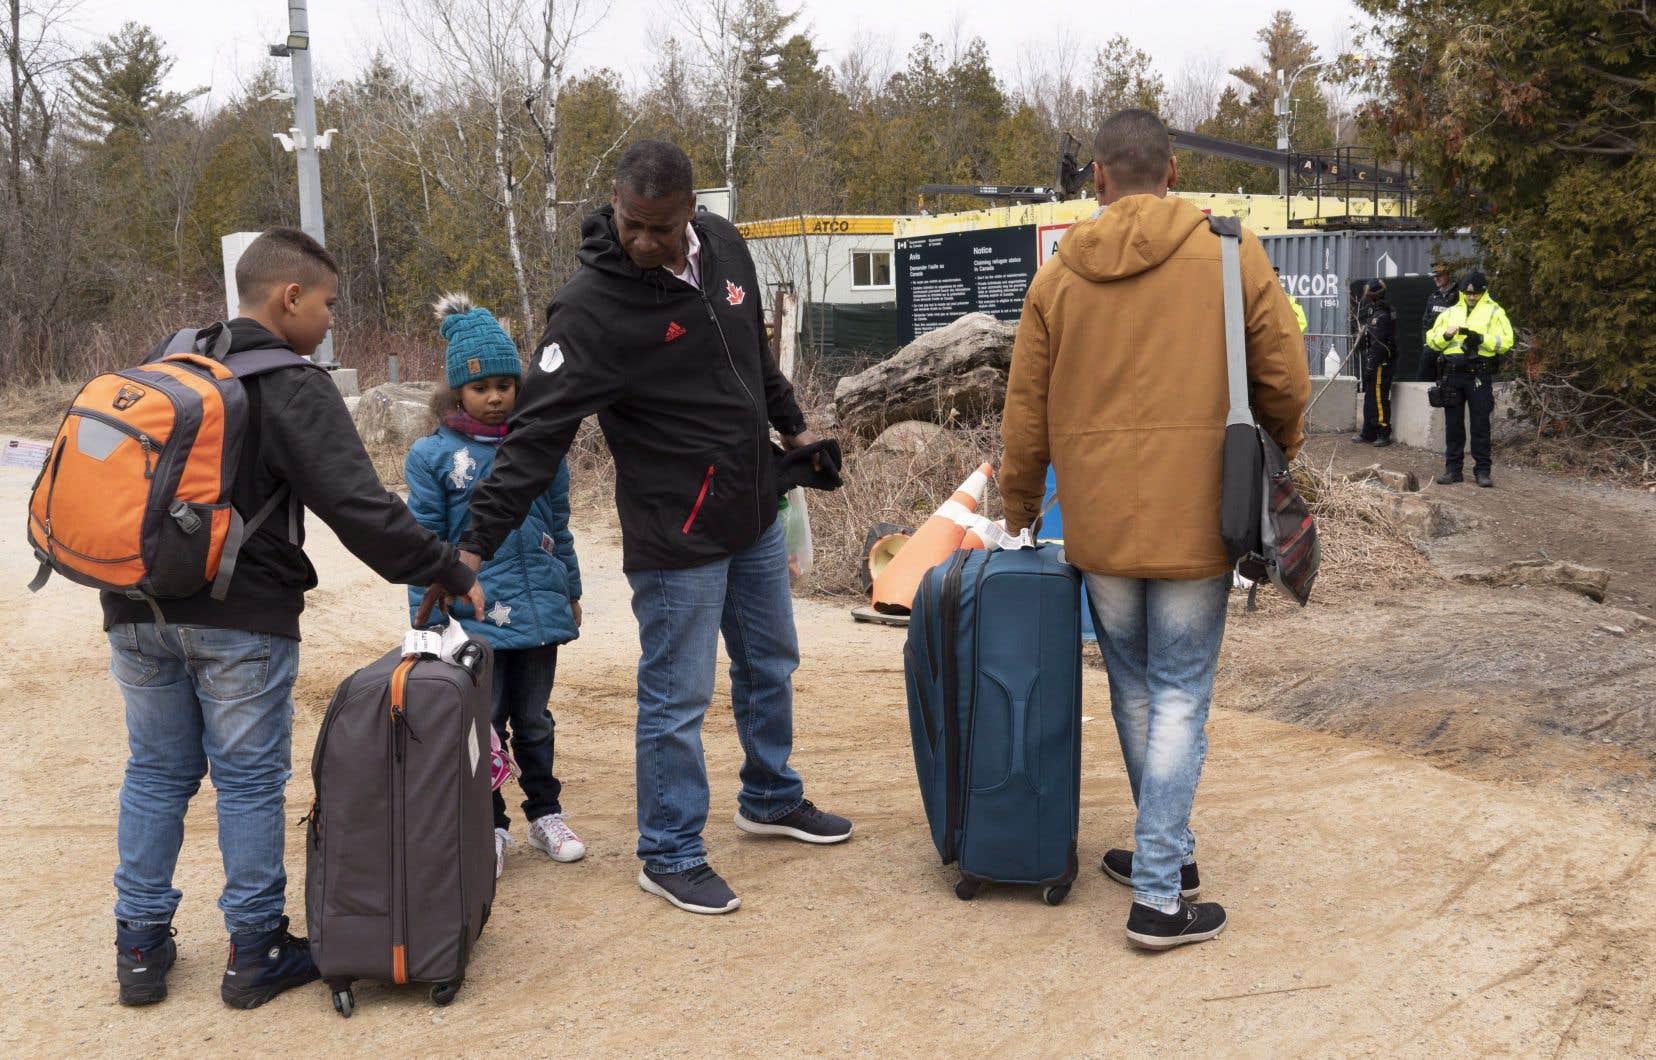 Plus de 18000 réfugiés sont devenus citoyens canadiens l'année dernière, soit le deuxième taux le plus élevé dans le monde.